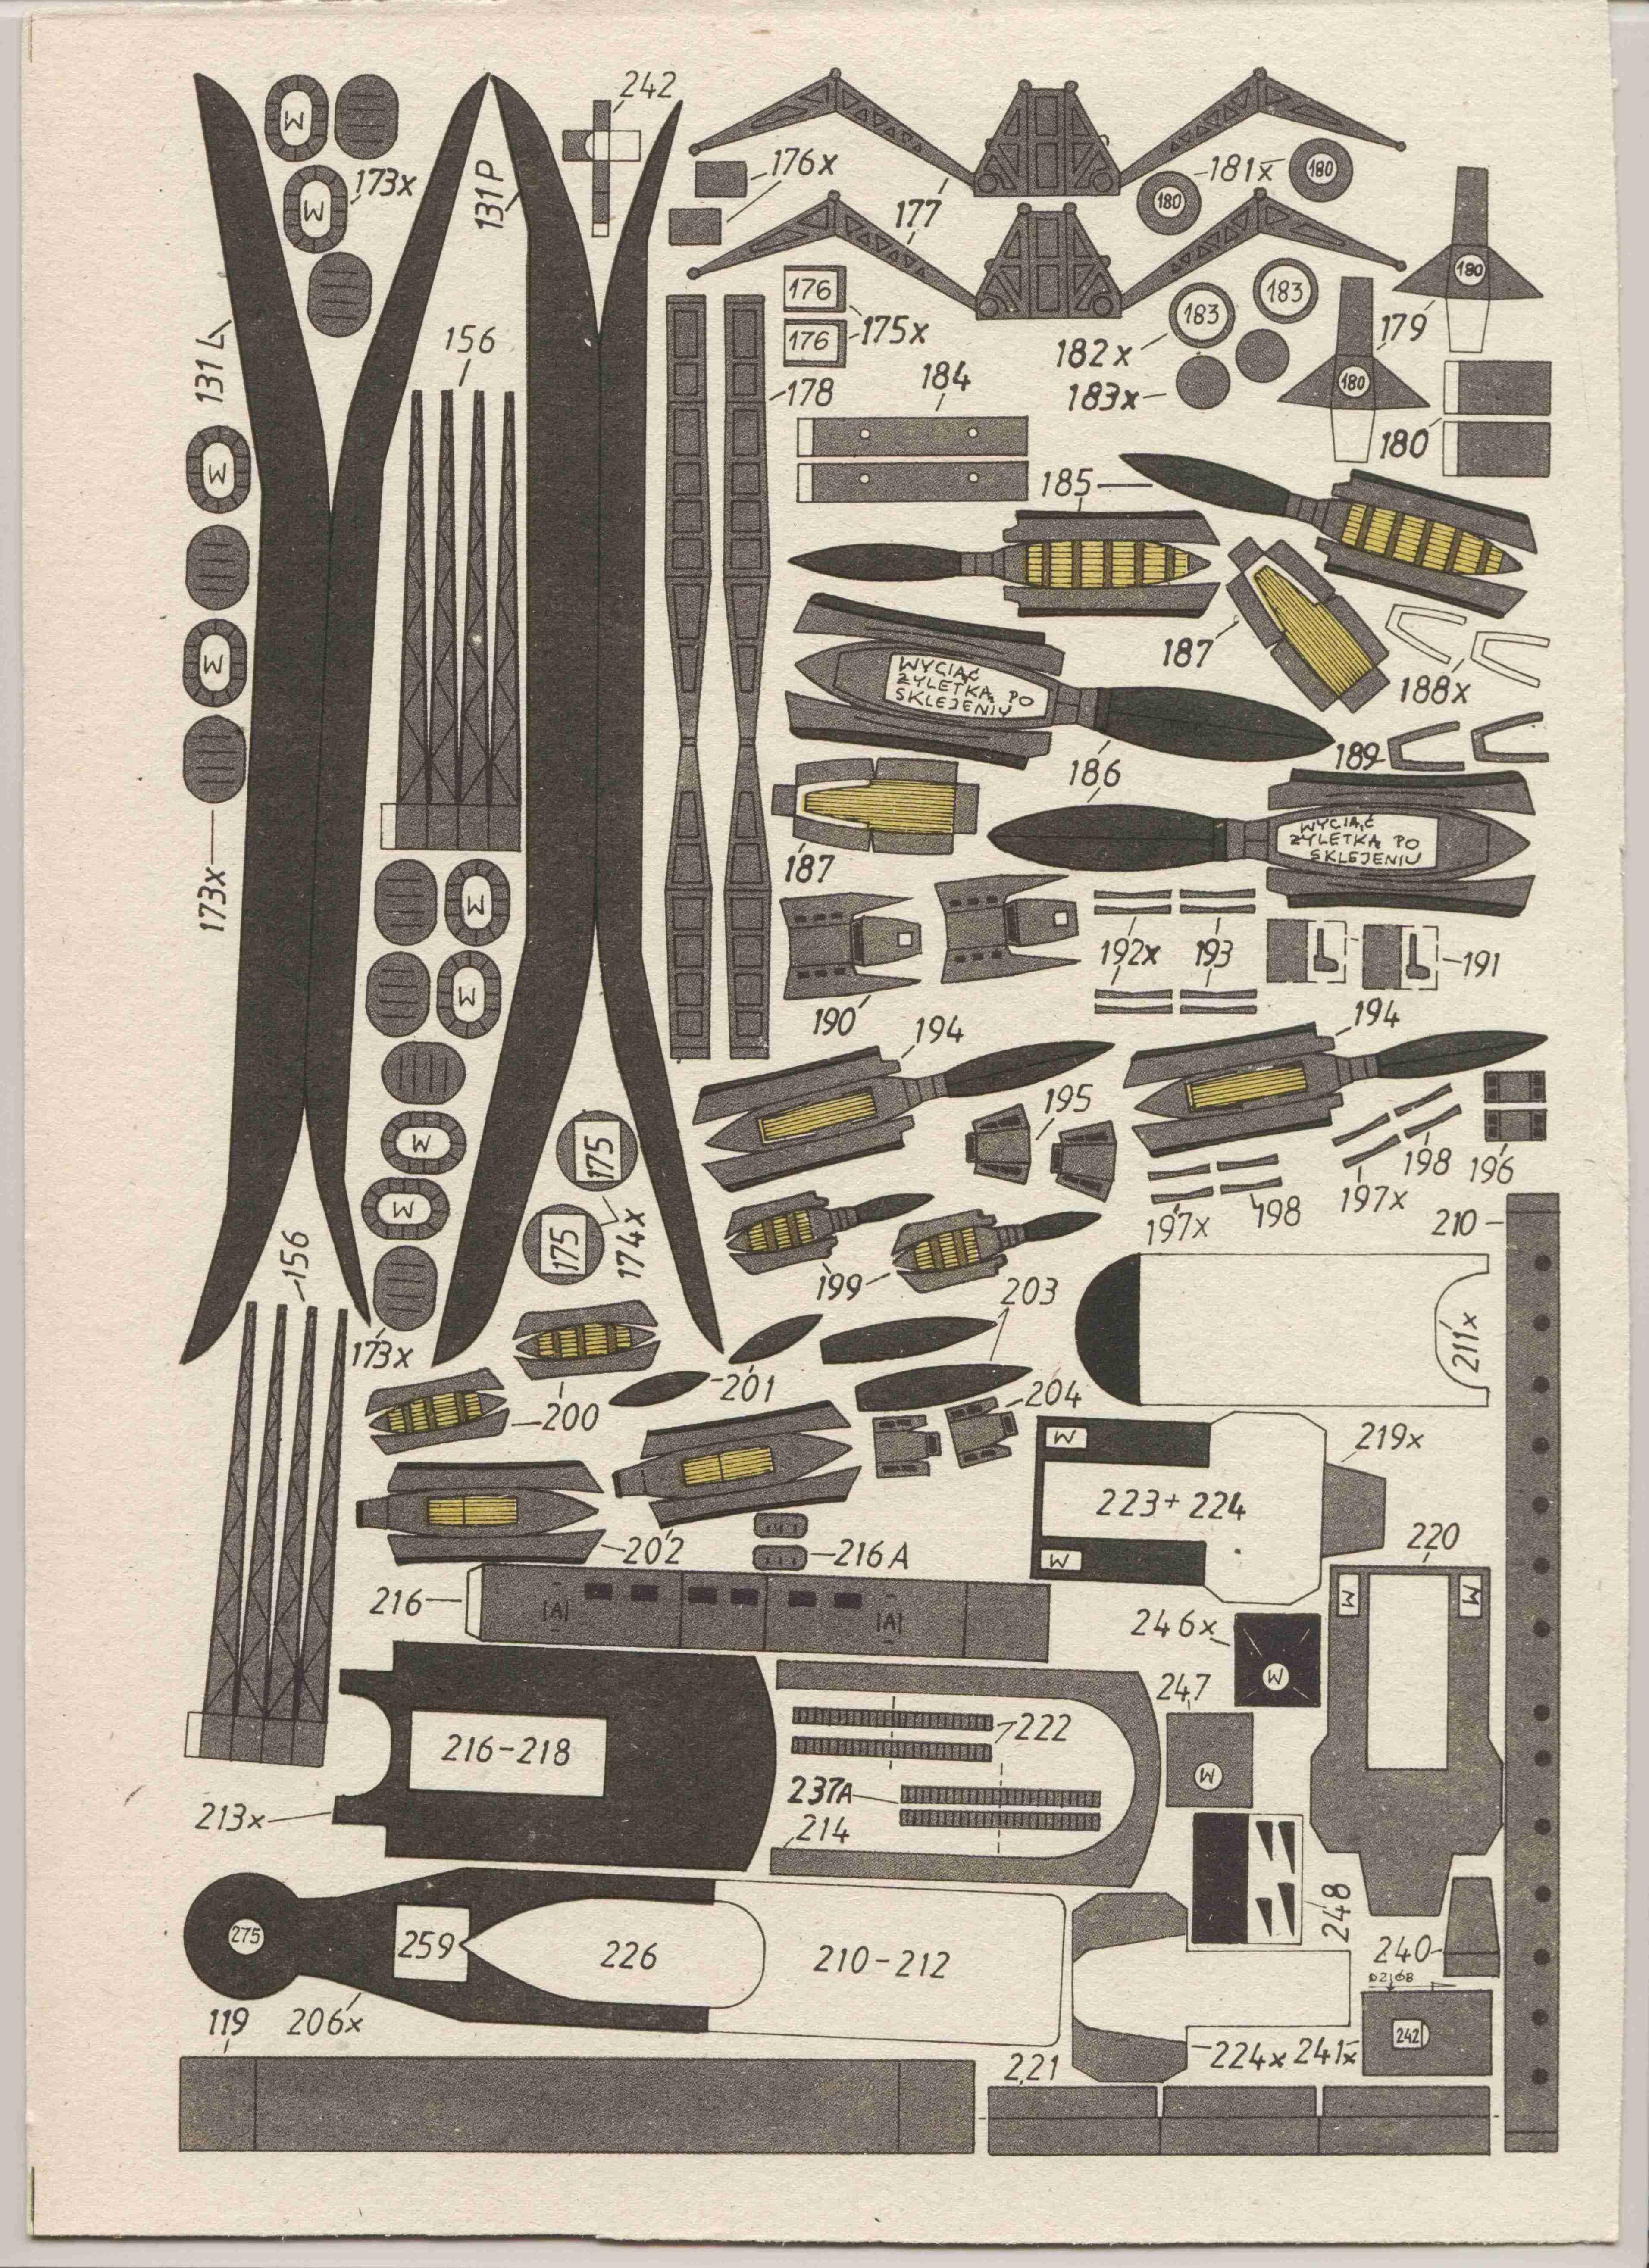 英国航母皇家方舟号船模平面图纸 JPG格式